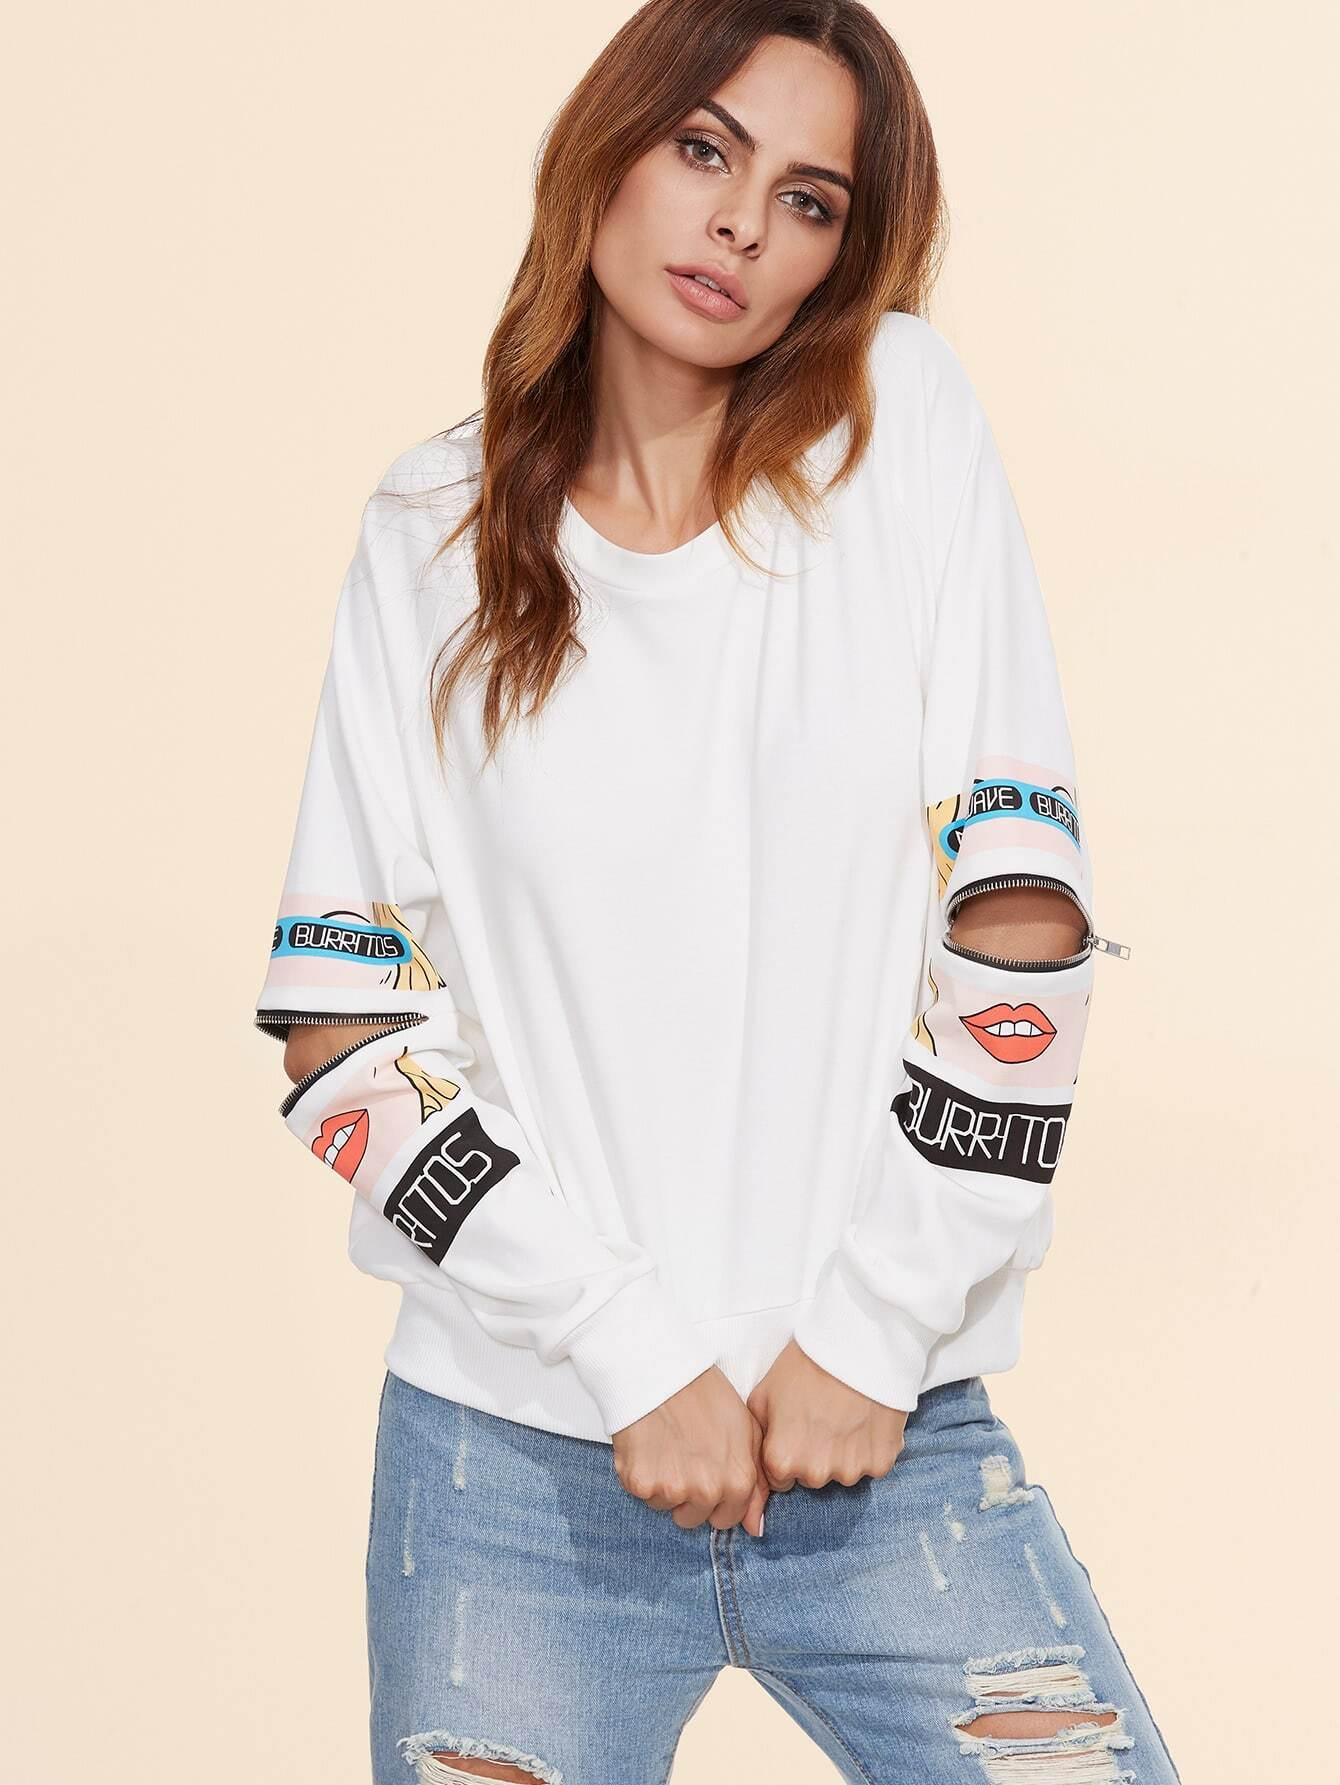 sweatshirt161027704_2